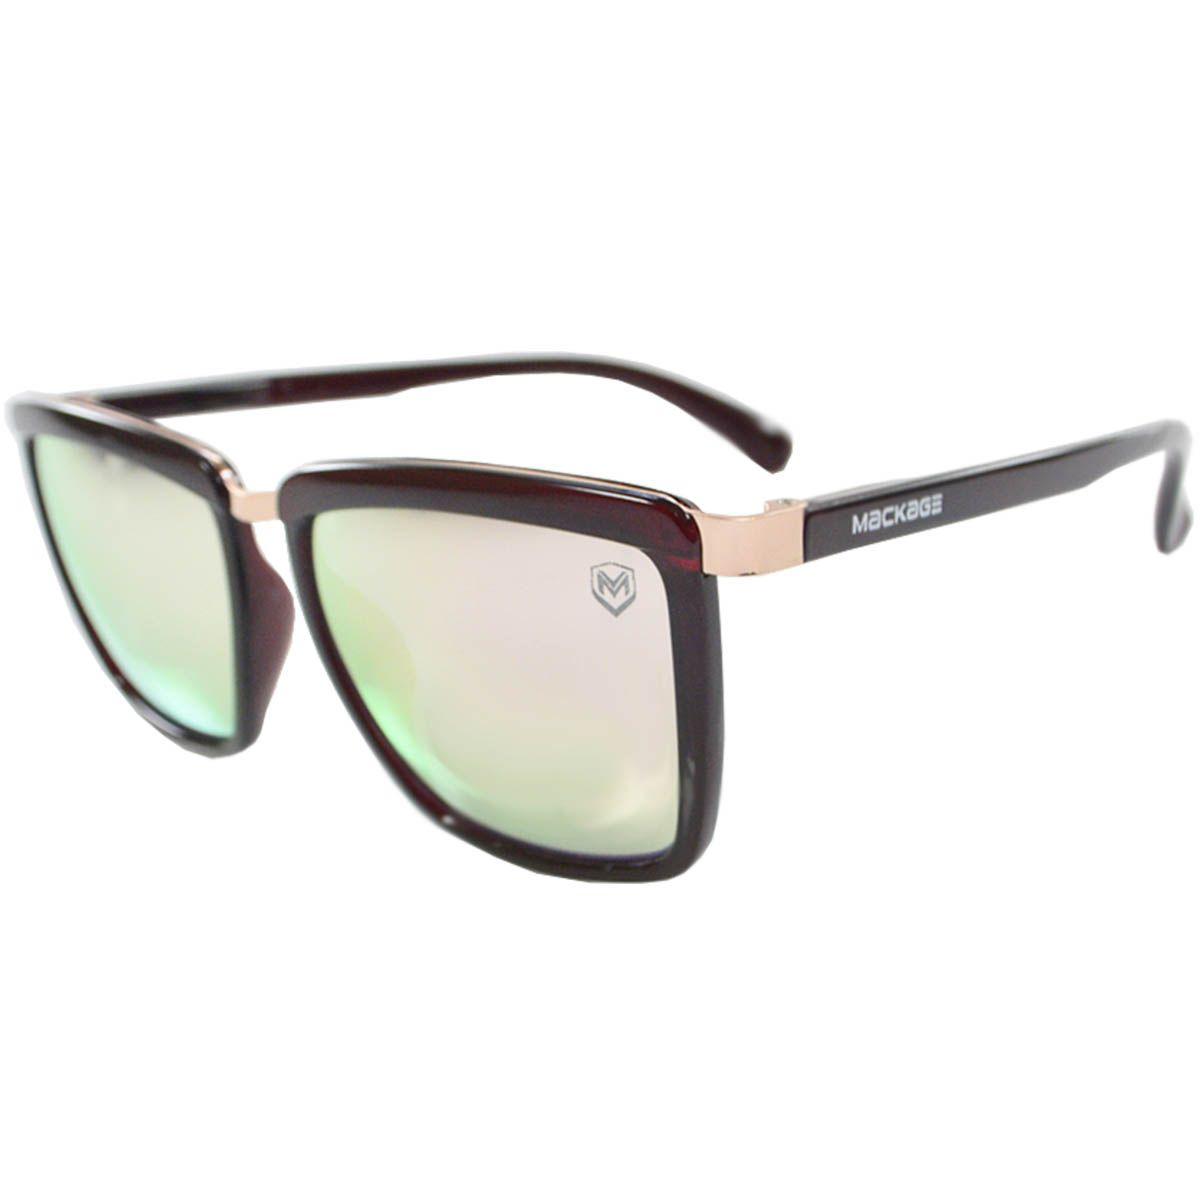 Óculos de Sol Espelhado Mackage MK2140V Vinho